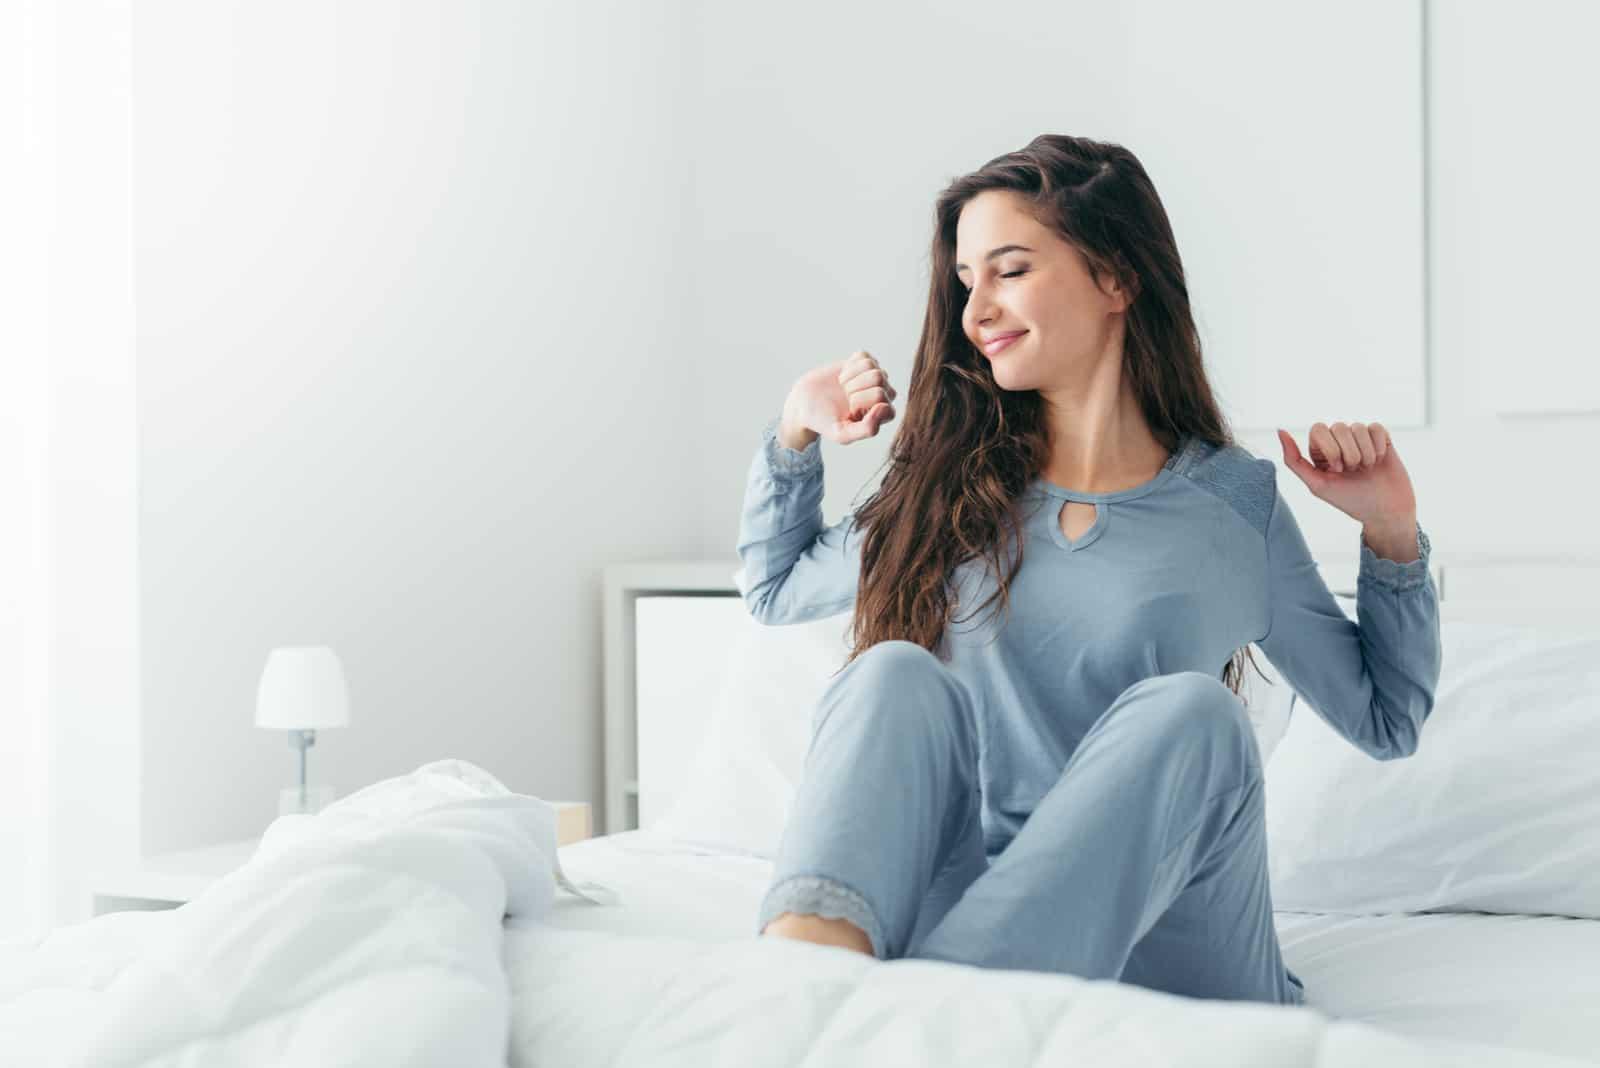 la femme s'étend dans son lit